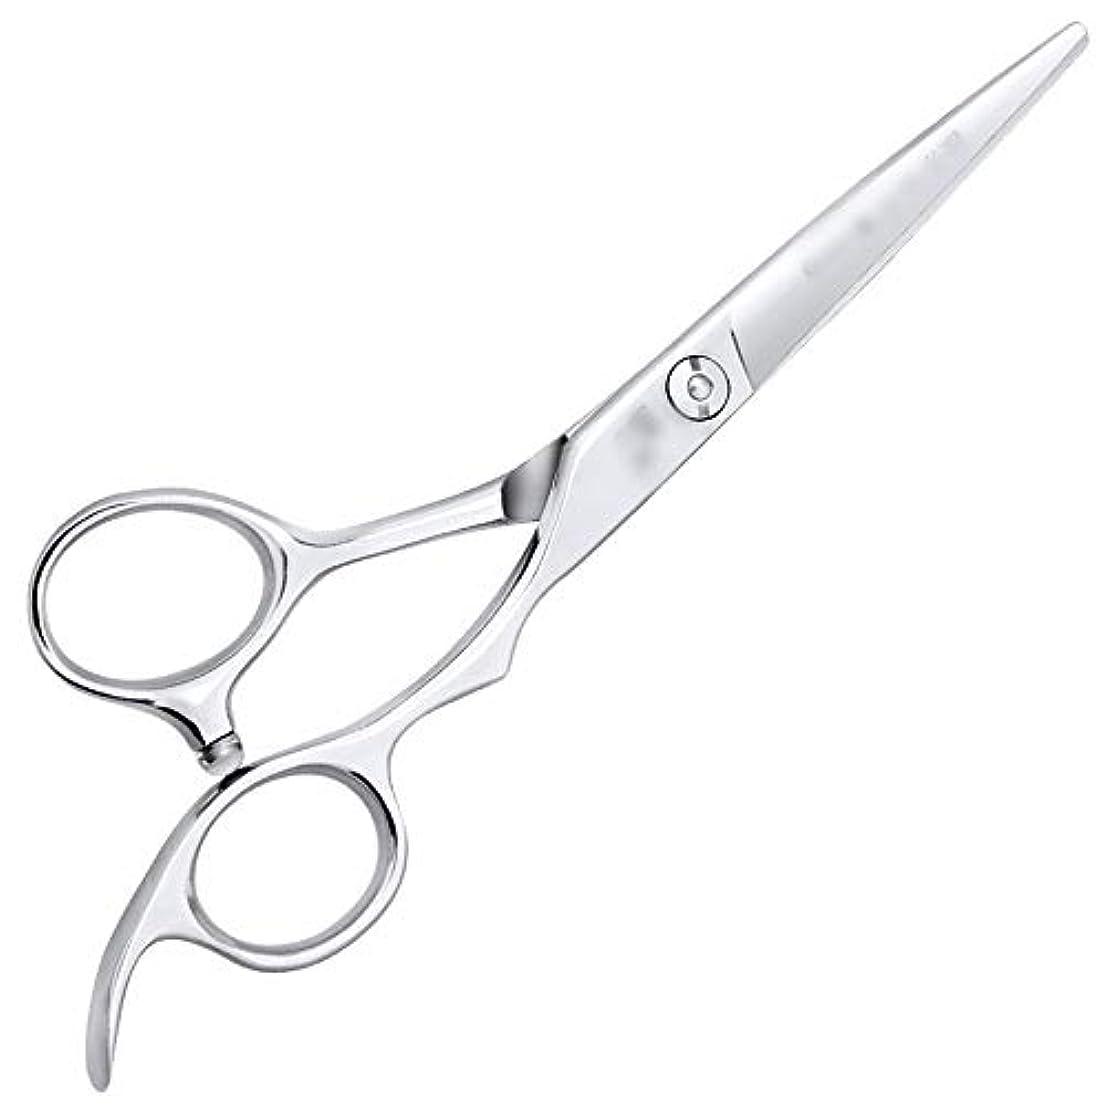 操作孤独不完全6インチ美容院ツールプロのヘアカット高品質理髪ツール モデリングツール (色 : Silver, Design : Flat)